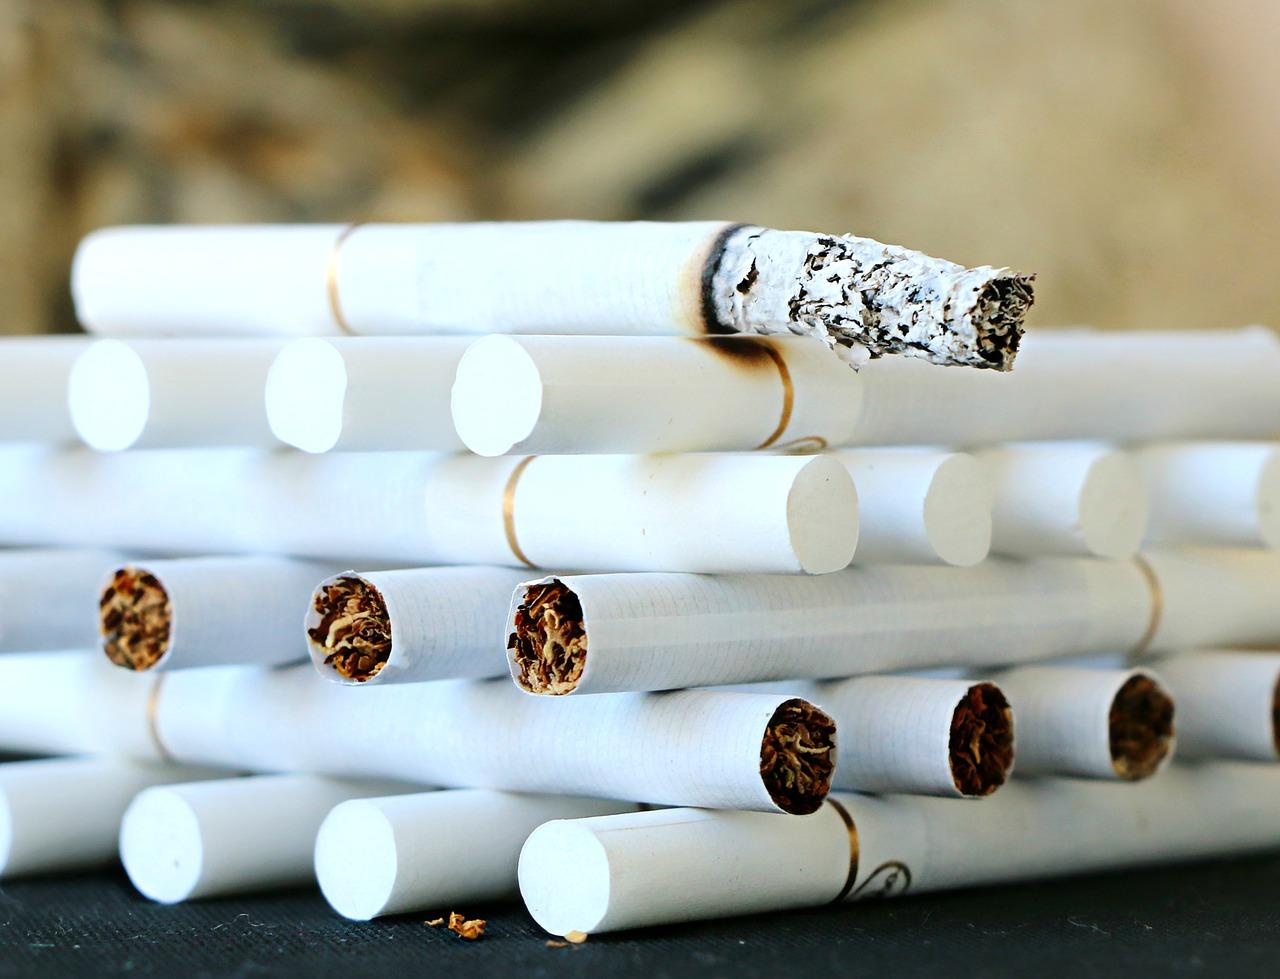 Même si elle n'est pas sans danger, la cigarette électronique permet à certains fumeurs de réduire leur consommation de tabac